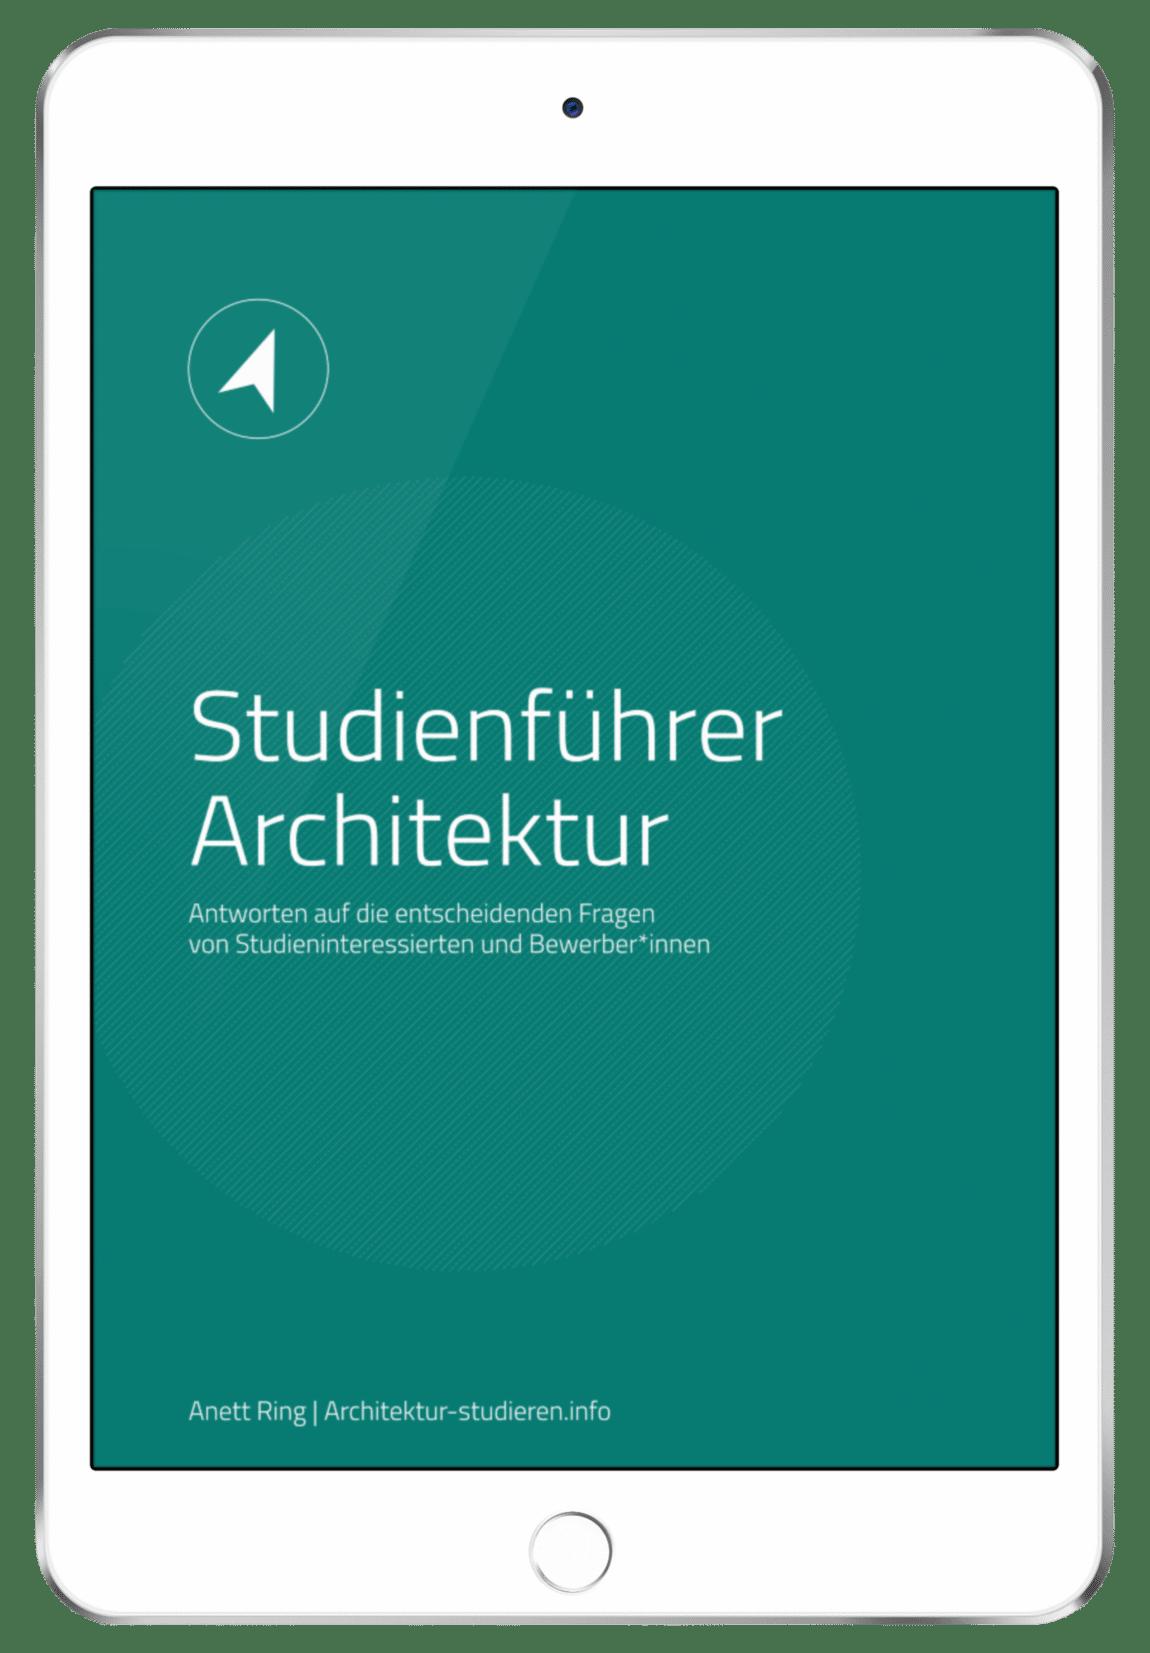 Studienführer Architektur von Anett Ring | Zuverlässige Informationen und Tipps für alle, die Architektur studieren möchten. | © Anett Ring, Architektur-studieren.info